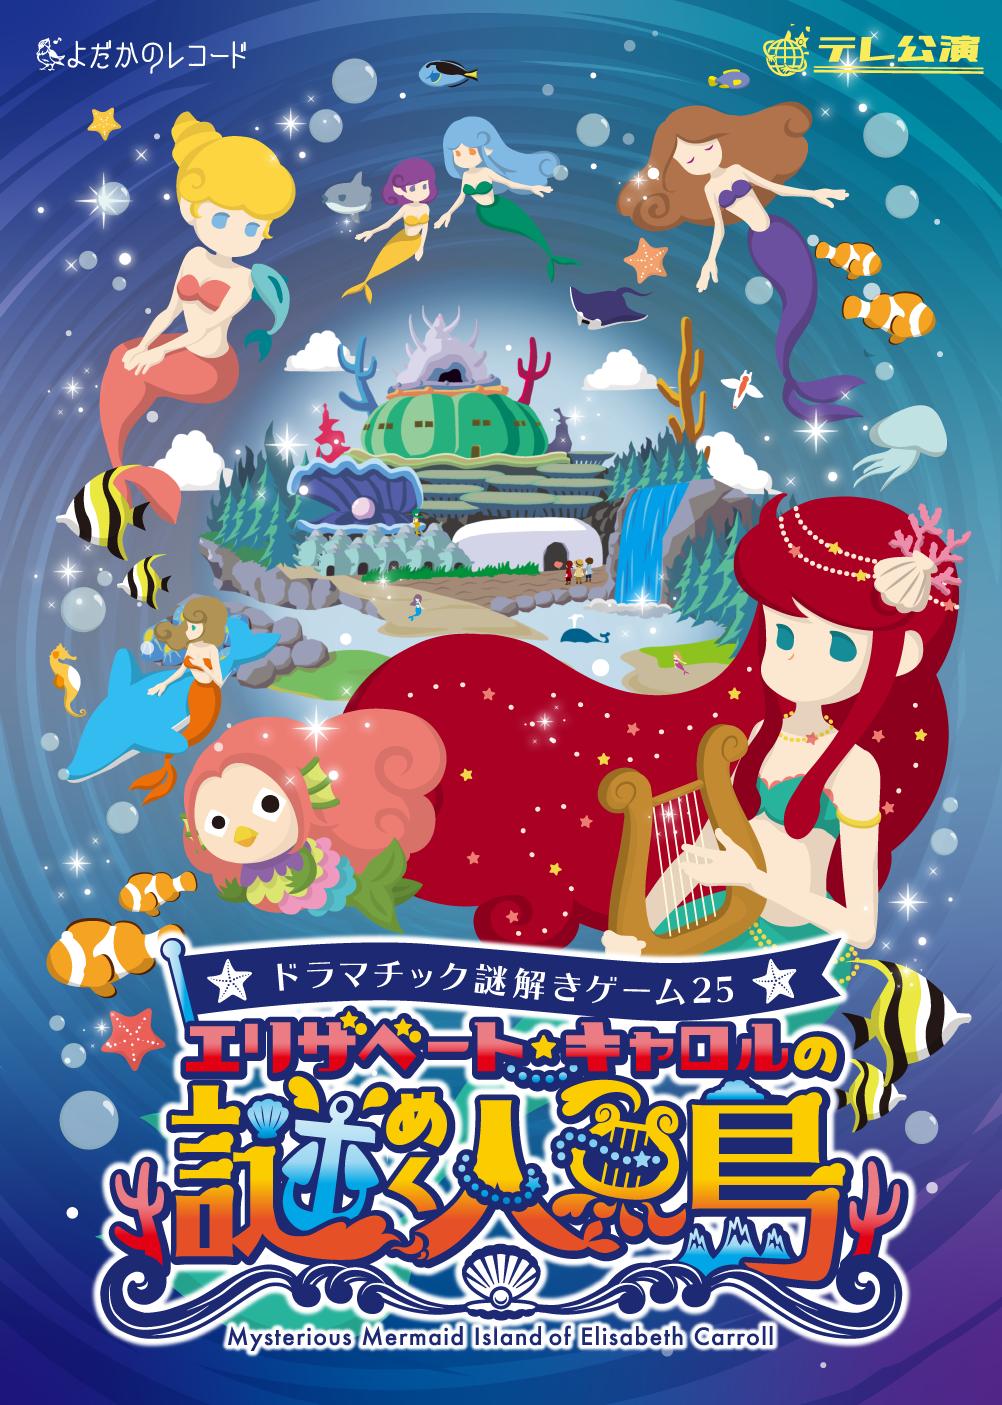 ドラマチック謎解きゲーム25「エリザベート・キャロルの謎めく人魚島」【再演】